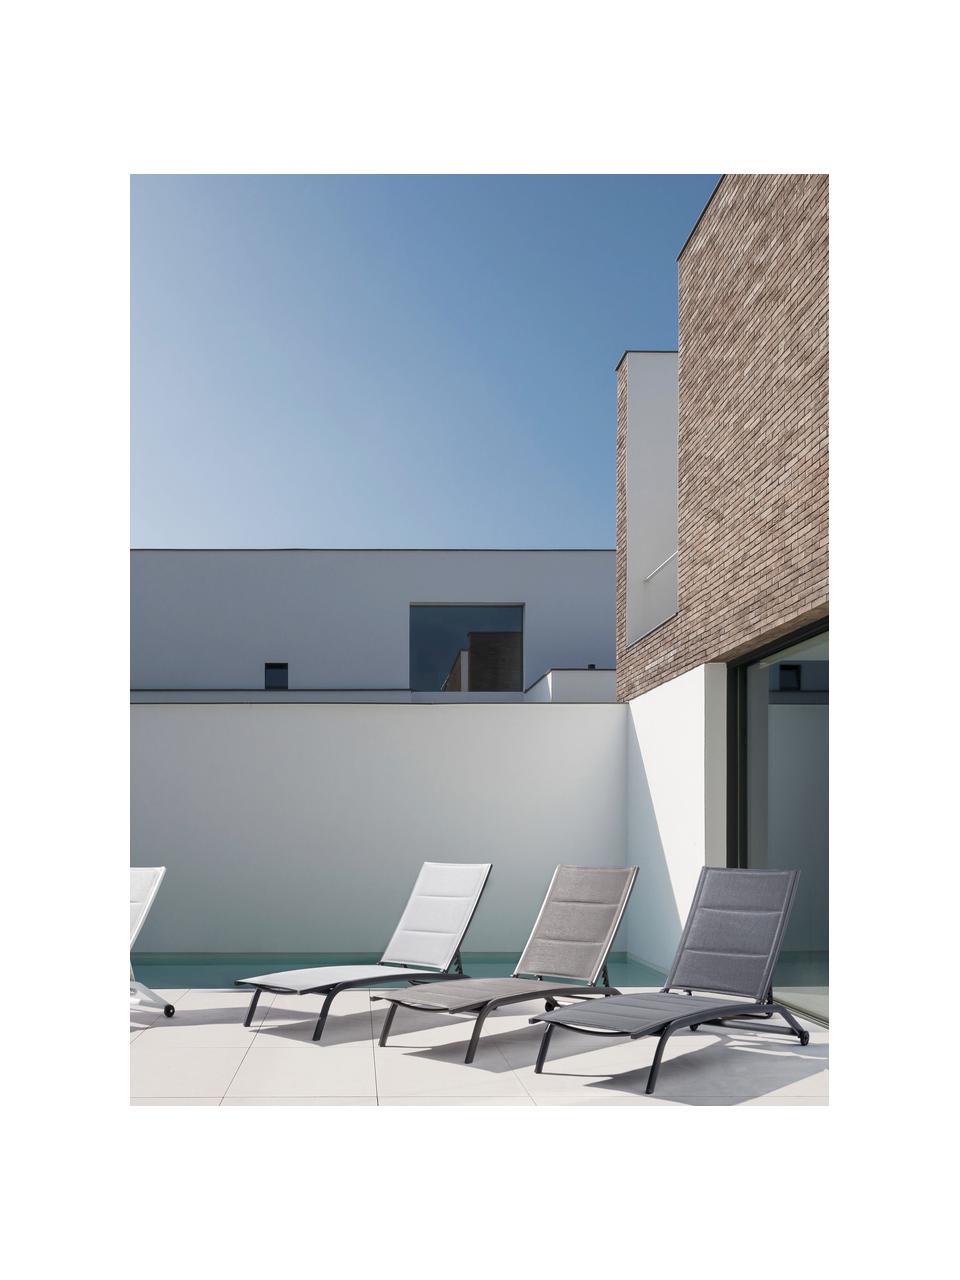 Gartenliege Cleo in Grau, Gestell: Aluminium, pulverbeschich, Rollen: Kunststoff, Anthrazit, Schwarz, 61 x 192 cm